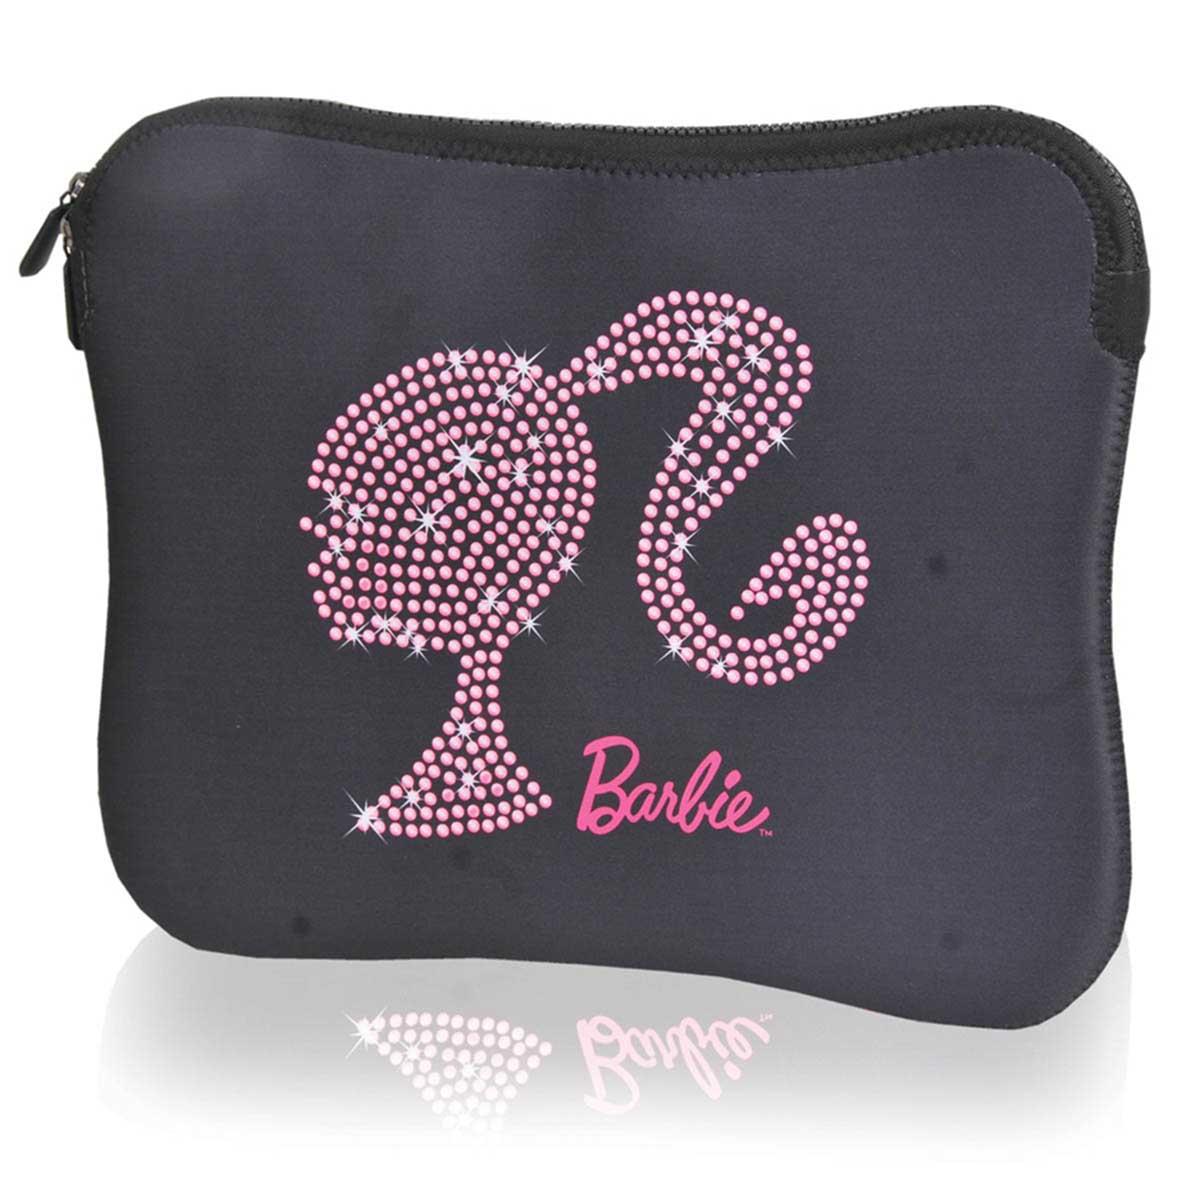 """Capa para Notebook 13"""" Barbie Em Neoprene Preta - Santino"""